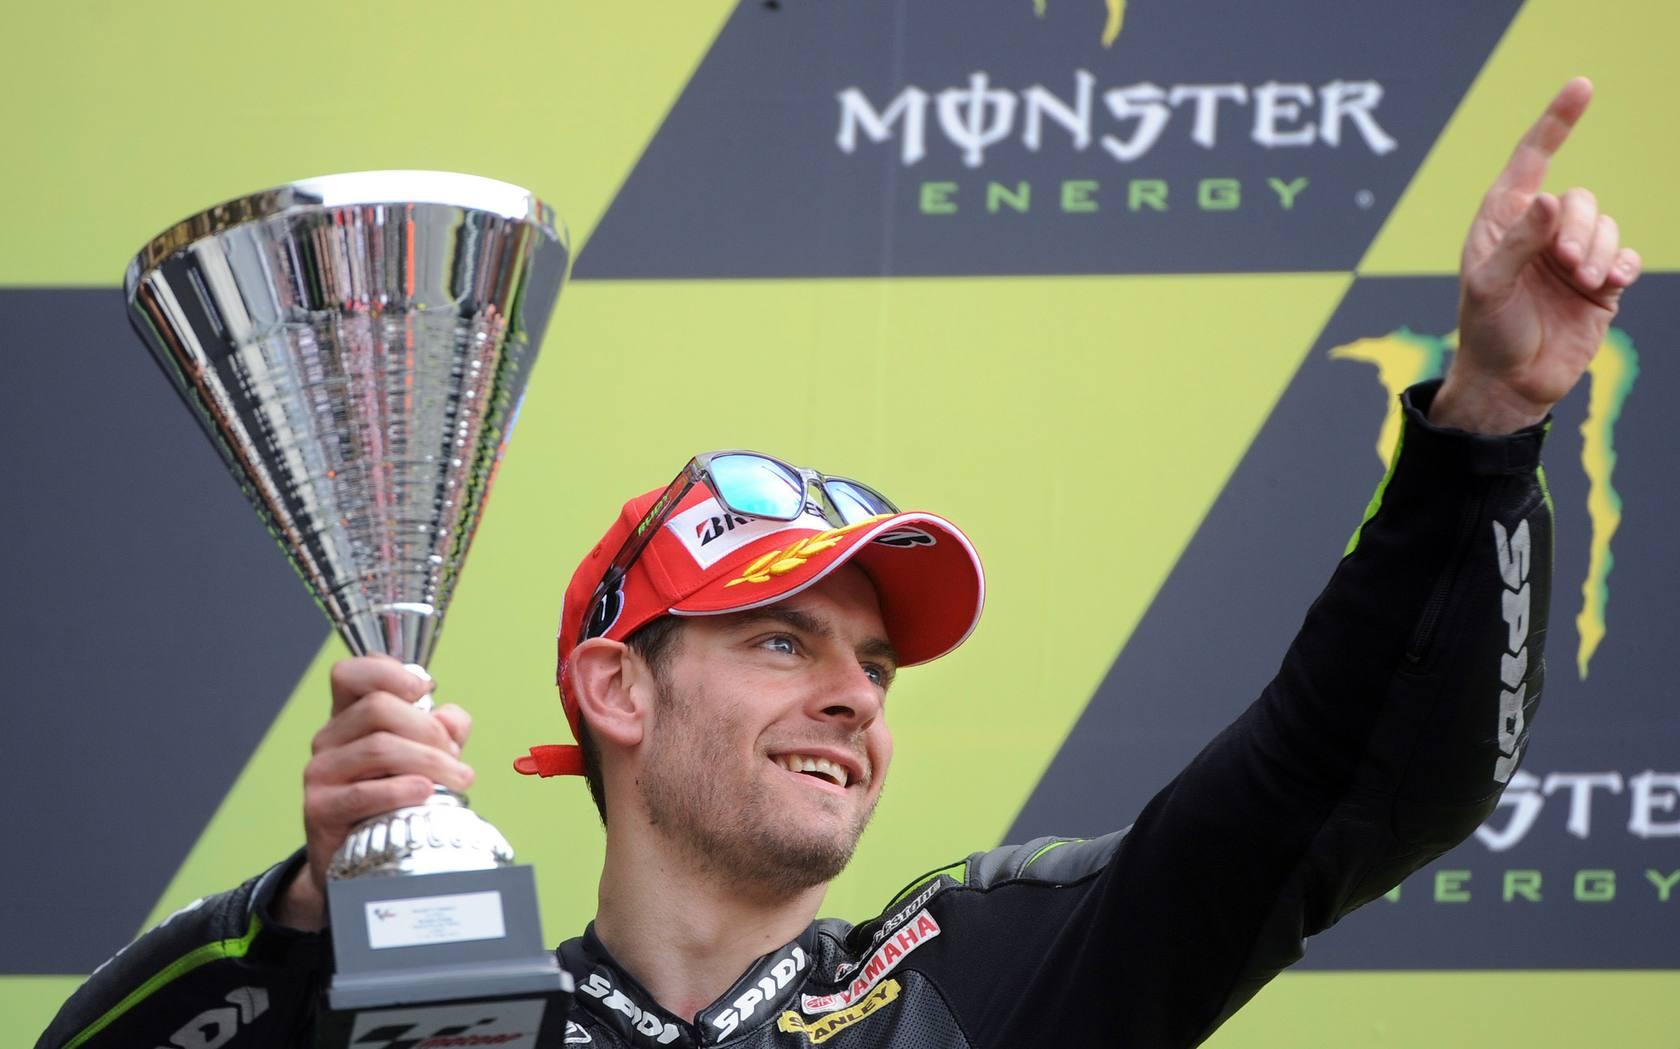 Dani Pedrosa vence con autoridad en Le Mans